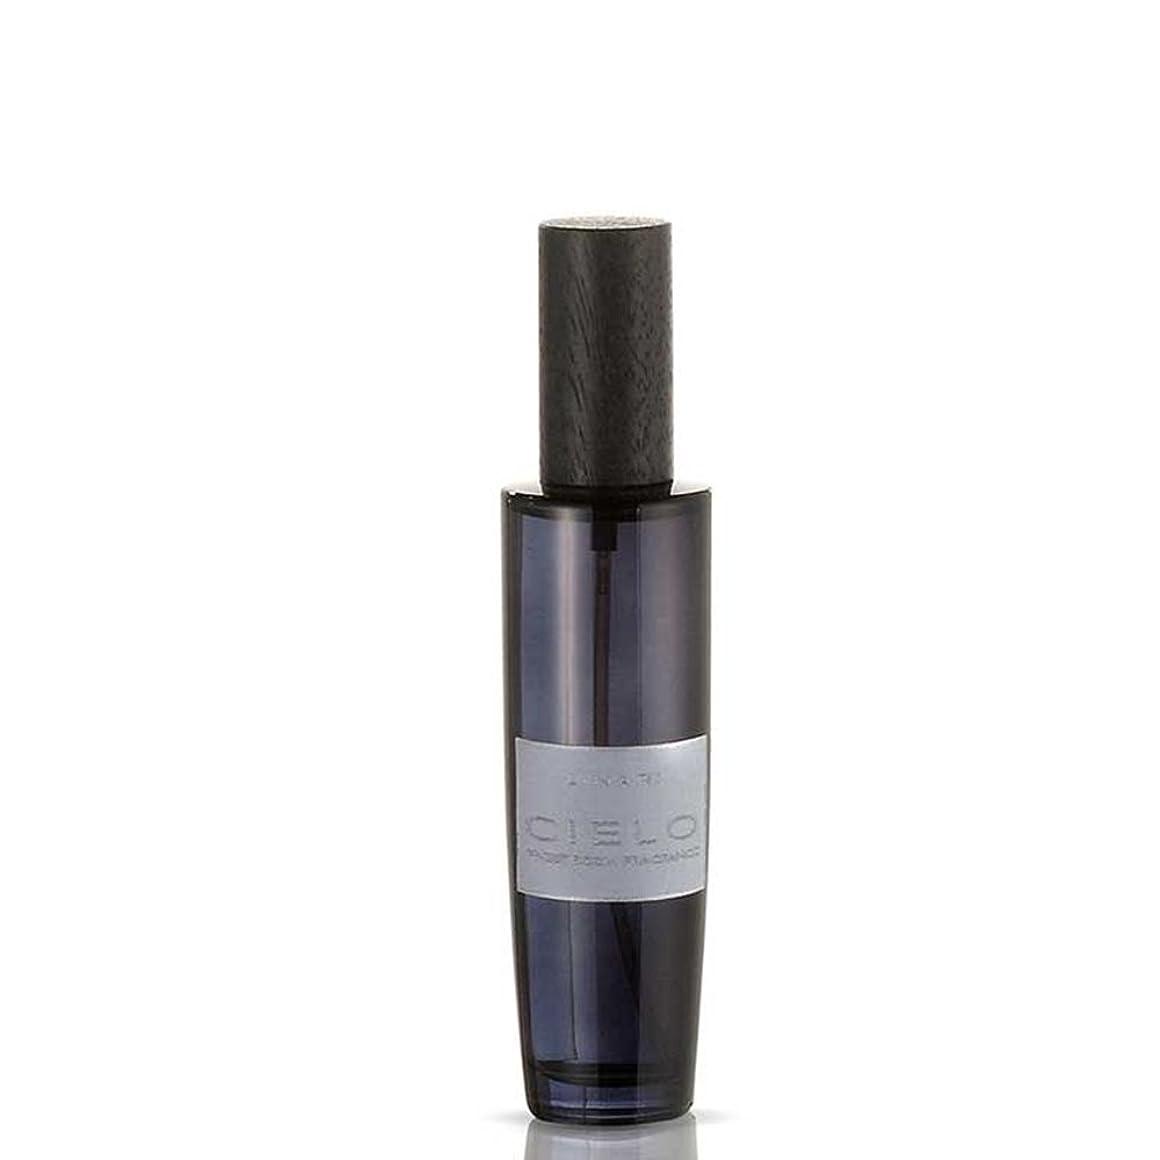 揃えるブロージャーナルLINARI リナーリ ルームスプレー Room Spray チェロ CIELO BLACK AMETHYST LINE